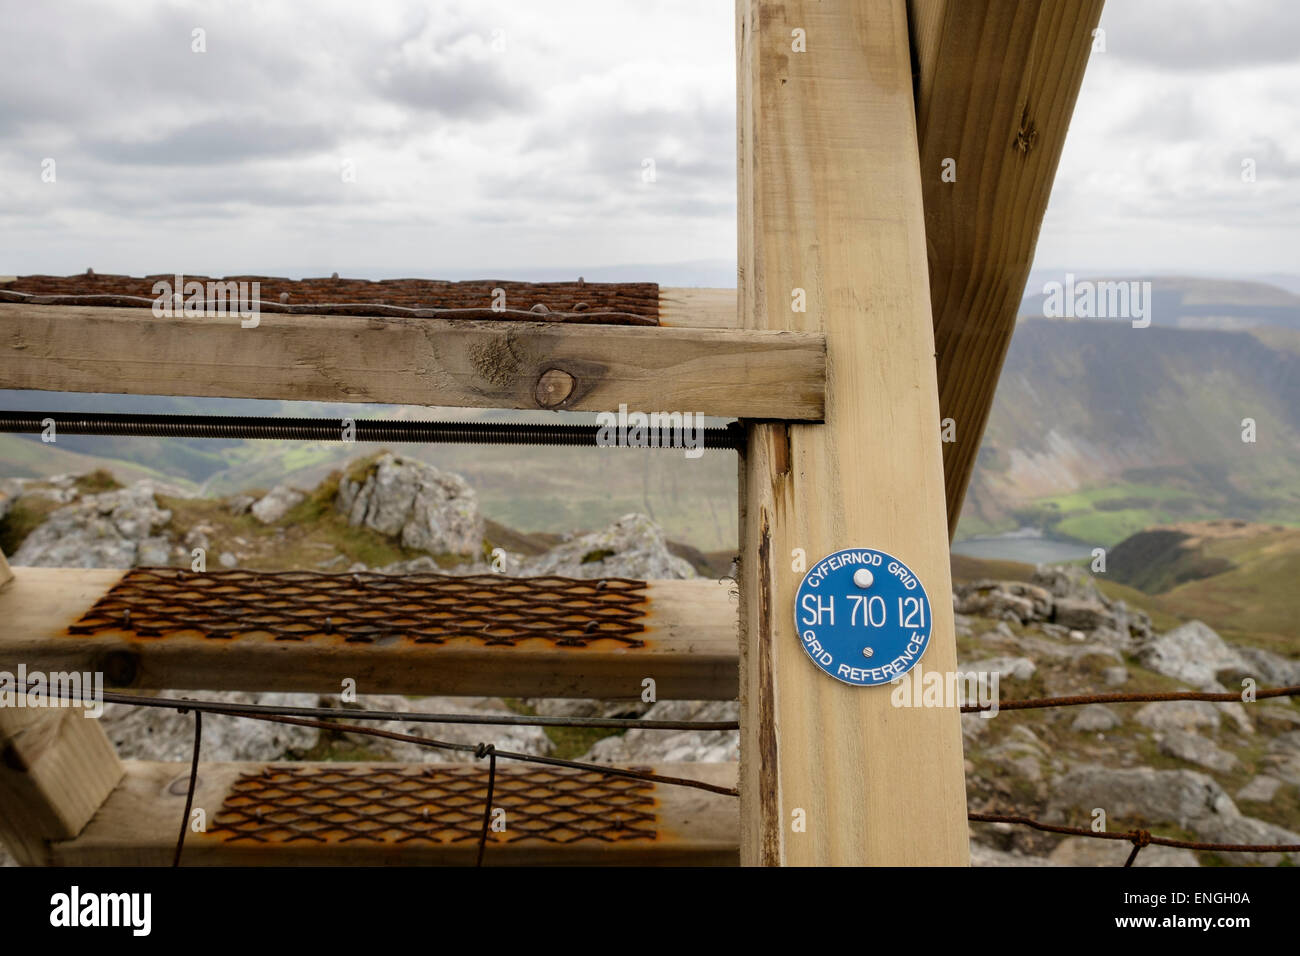 Grille de référence à six chiffres sur disque Minffordd Cadair Idris chemin montant sur la sécurité Photo Stock